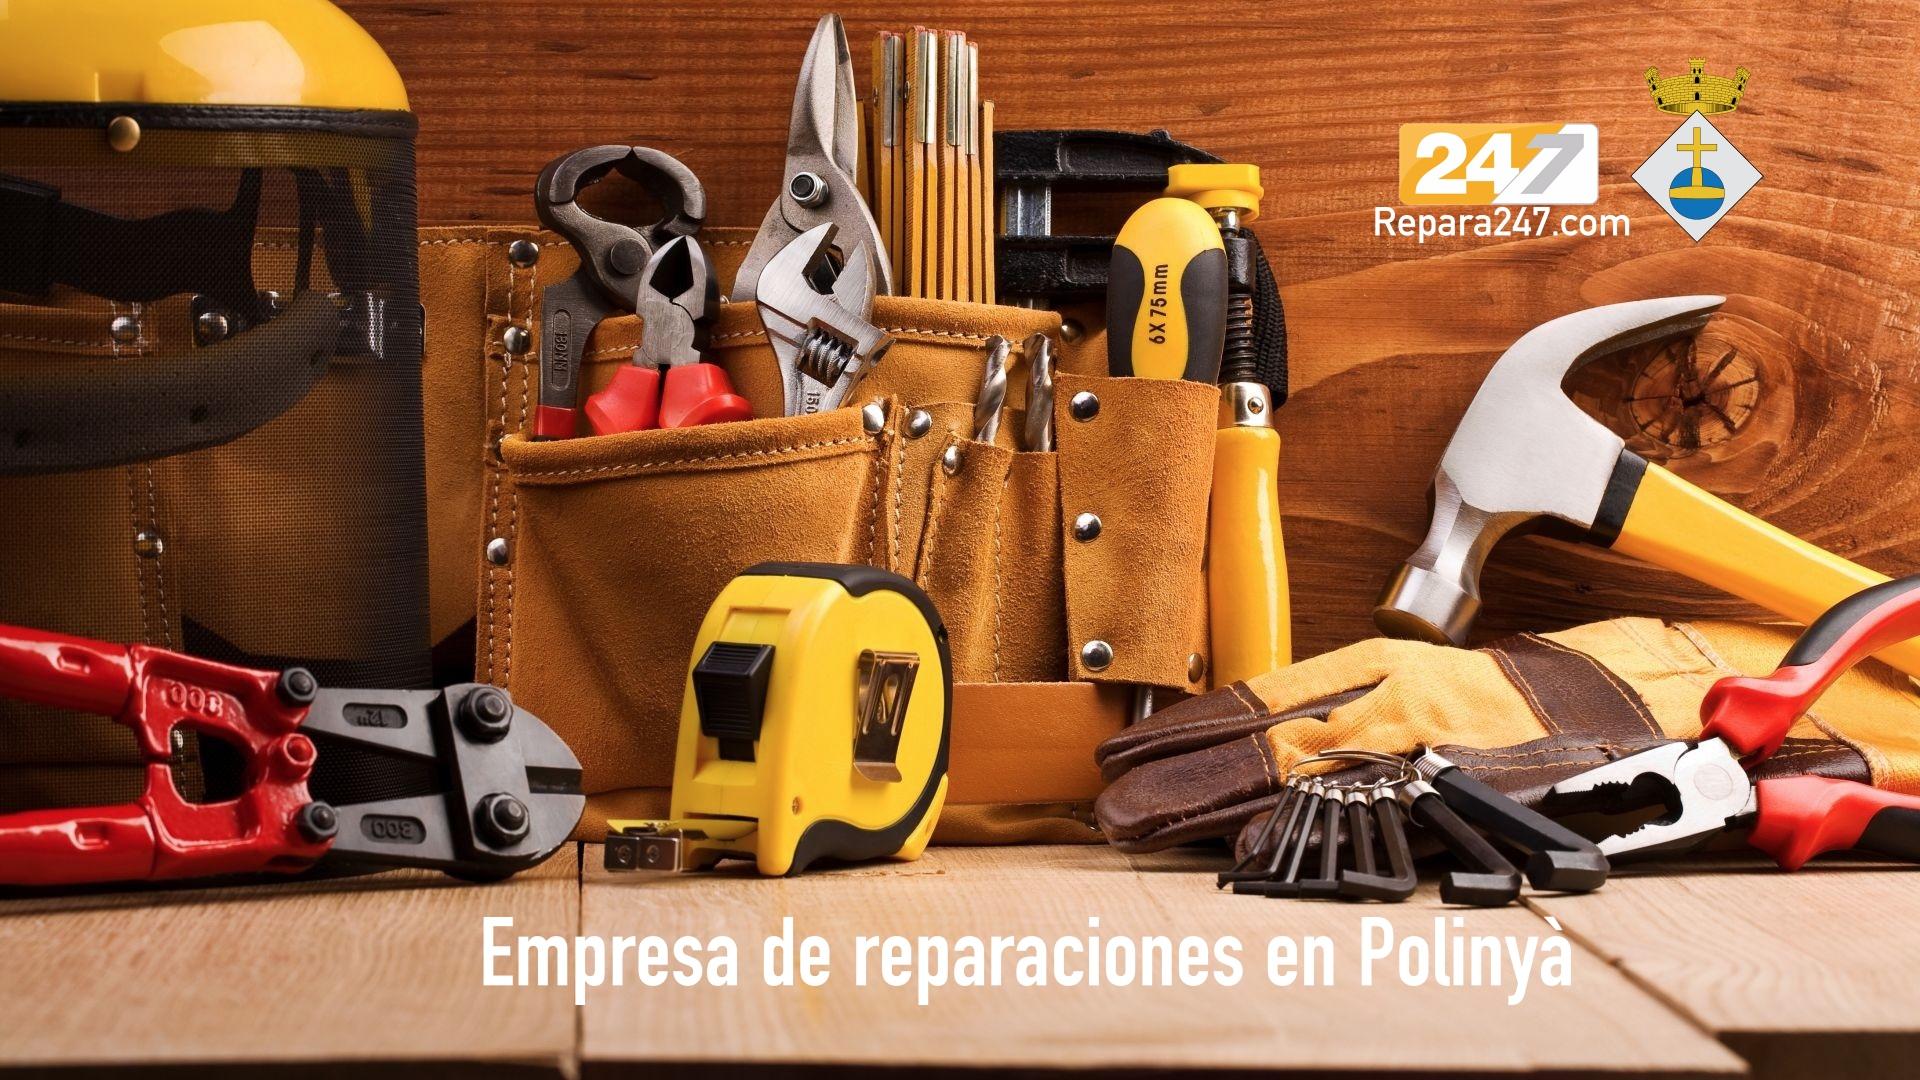 Empresa de reparaciones en Polinyà